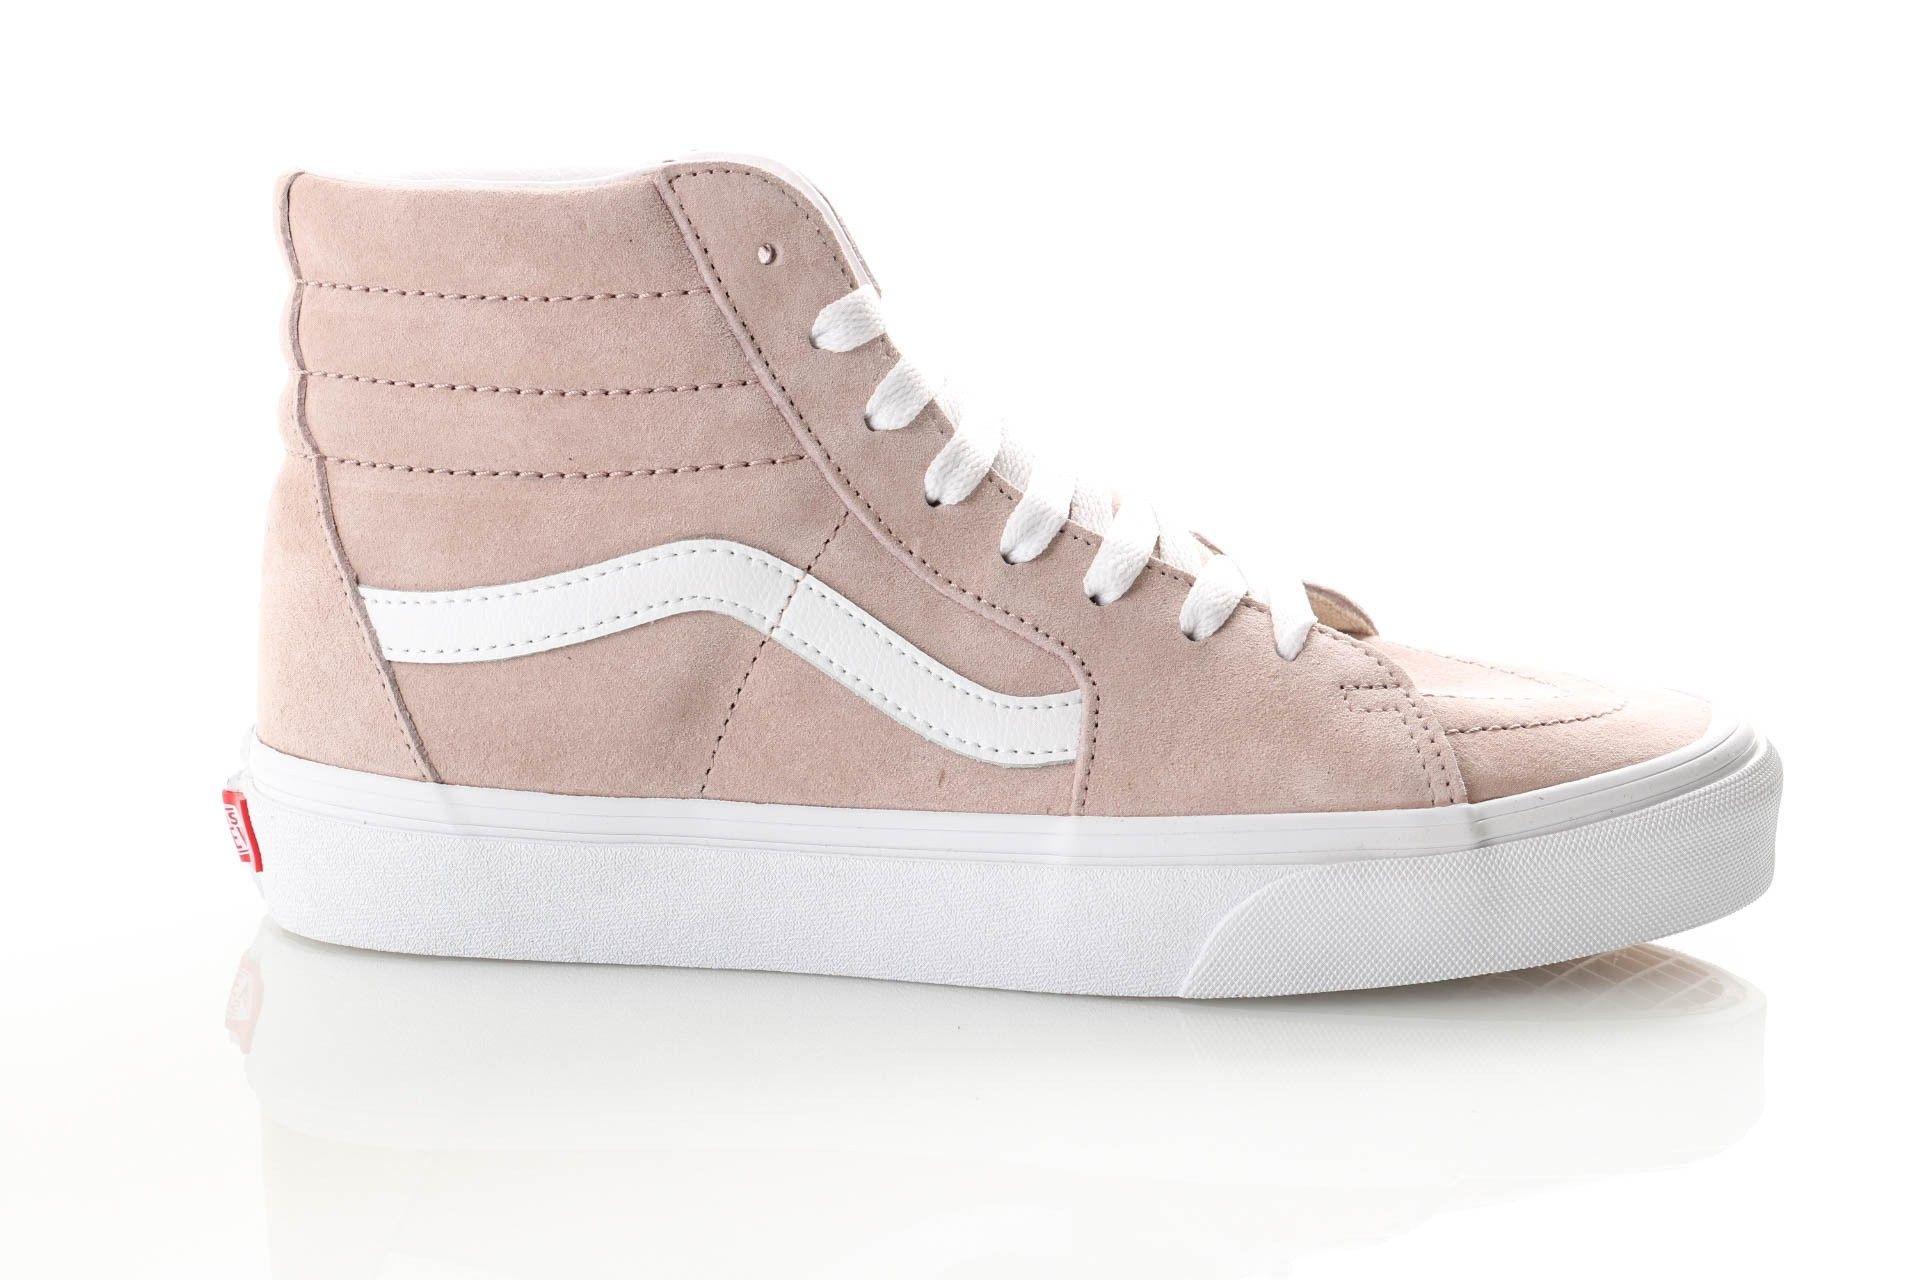 Afbeelding van Vans Ua Sk8-Hi Vn0A4Bv6V791 Sneakers (Pig Suede) Shadow Gray/True White